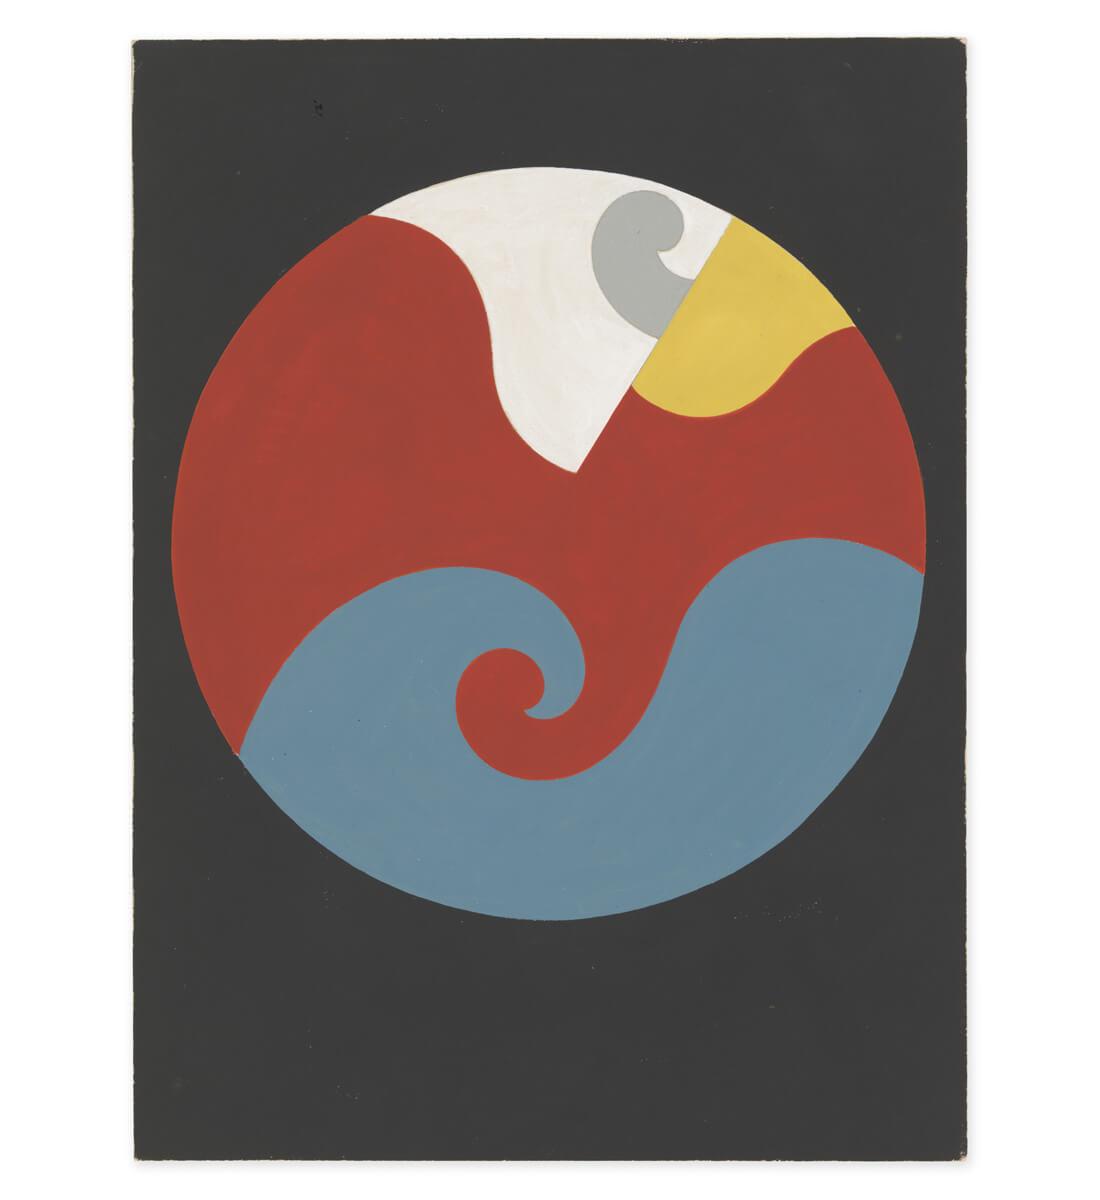 Composition dans un cercle (à volutes) <br>[Composition in a circle (with volutes)]